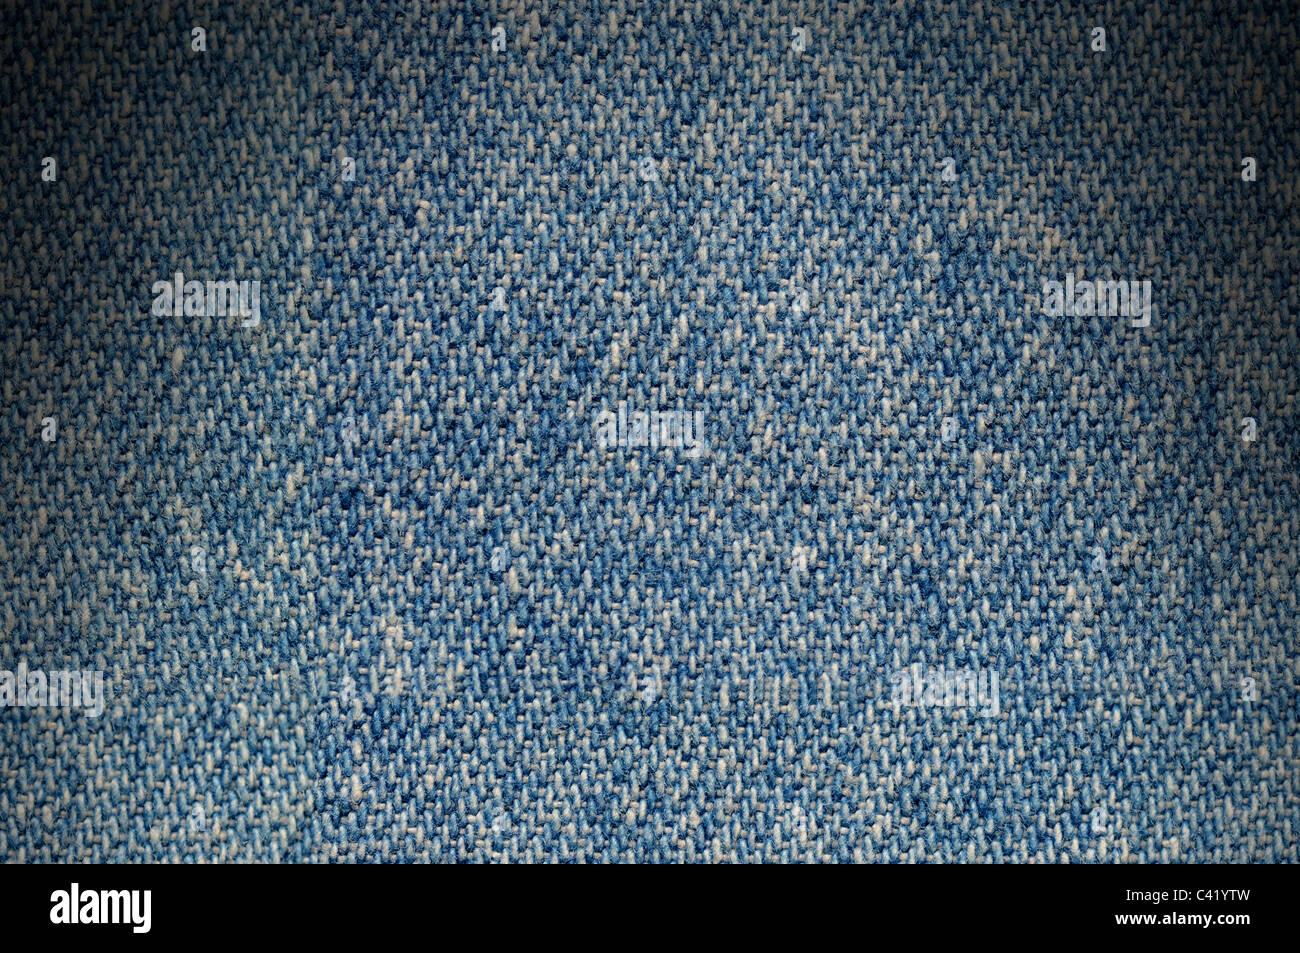 Blu Denim Tessuto texture di sfondo drammaticamente illuminati dal di sopra Immagini Stock